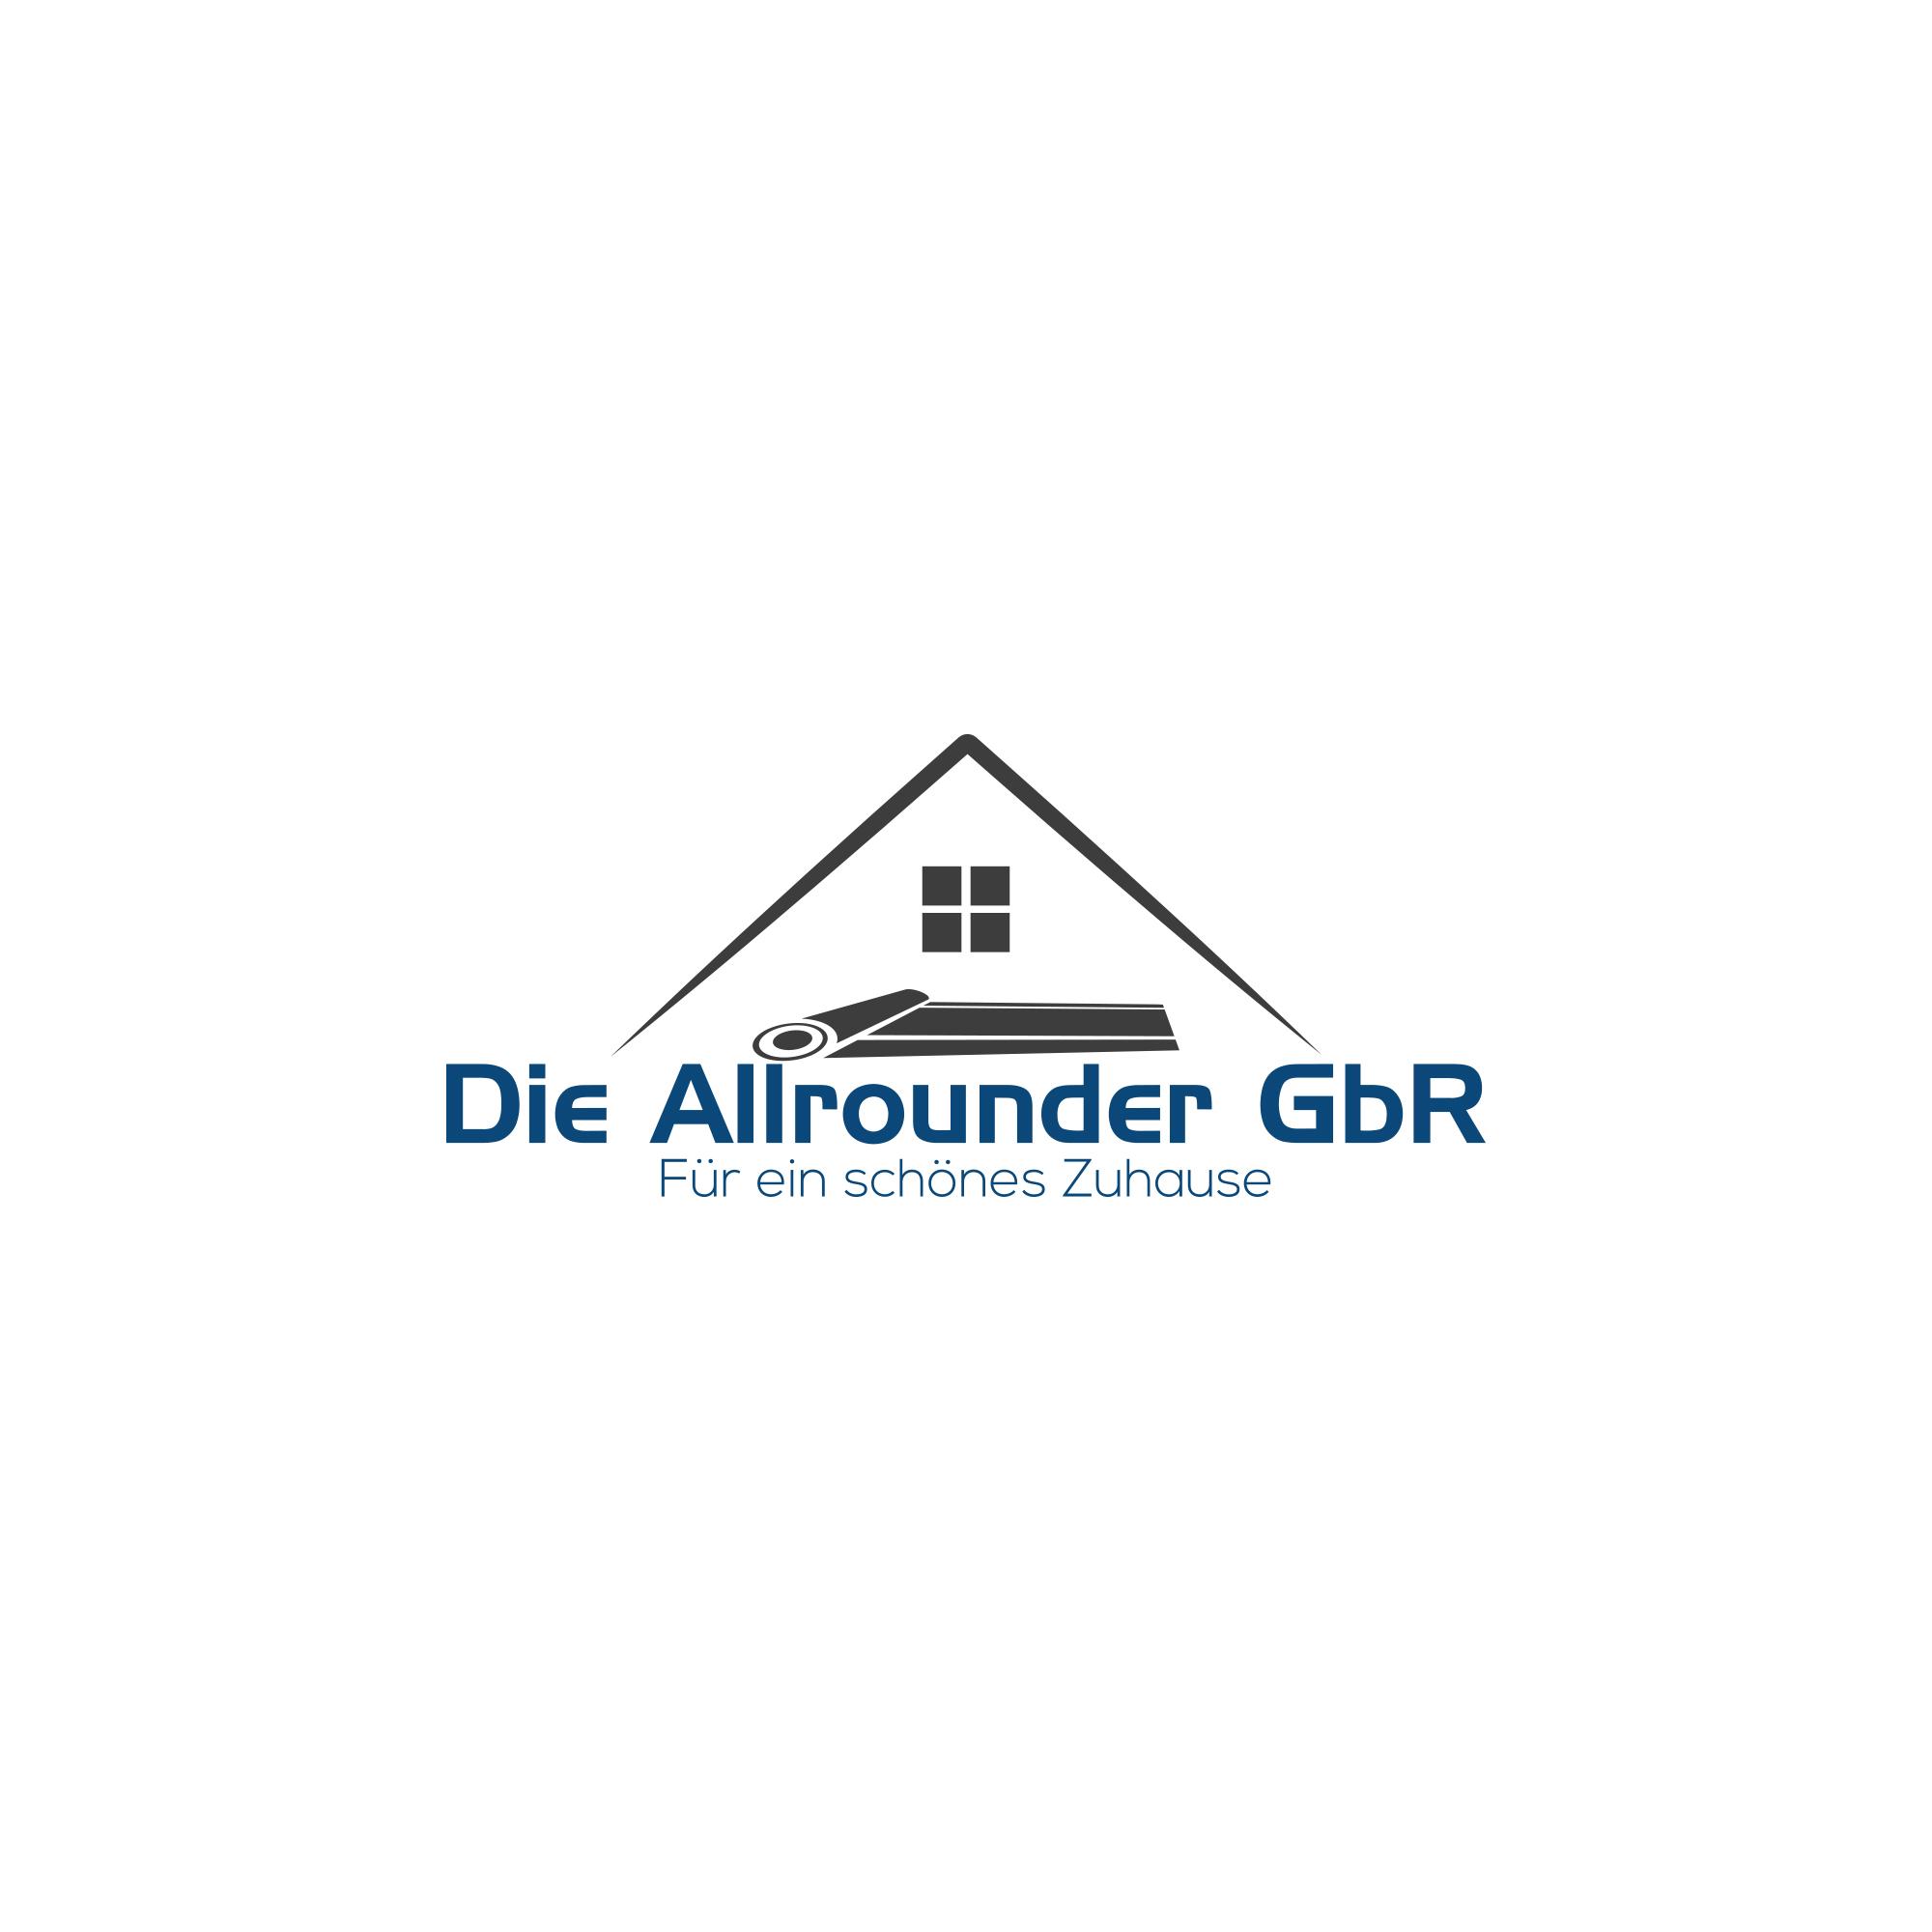 Die Allrounder GbR